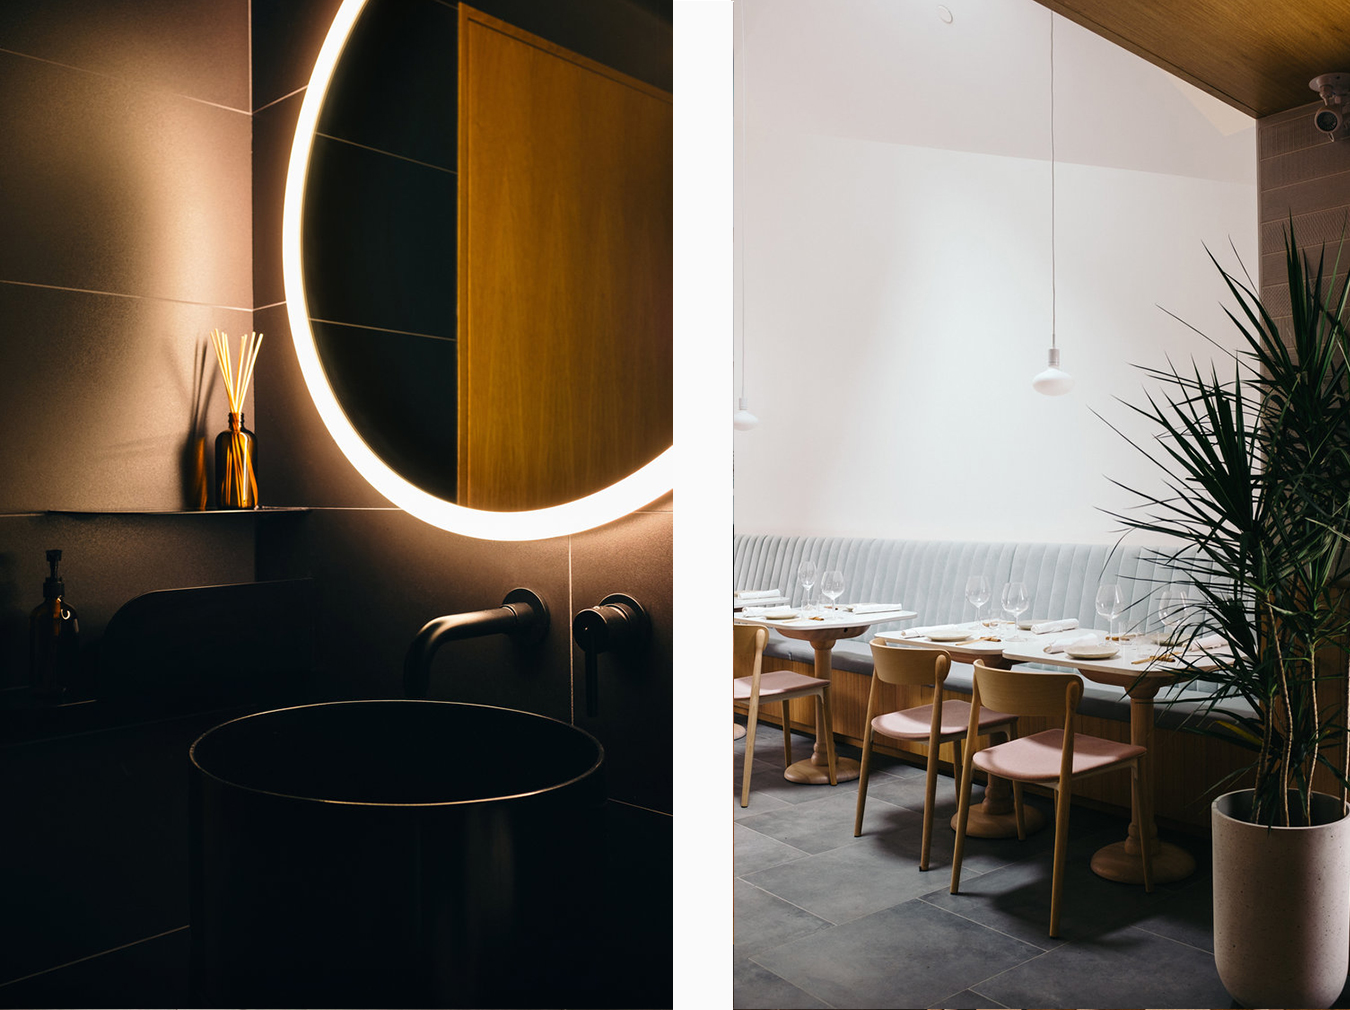 Toronto restaurant Sara is a 'place of calm and escape'